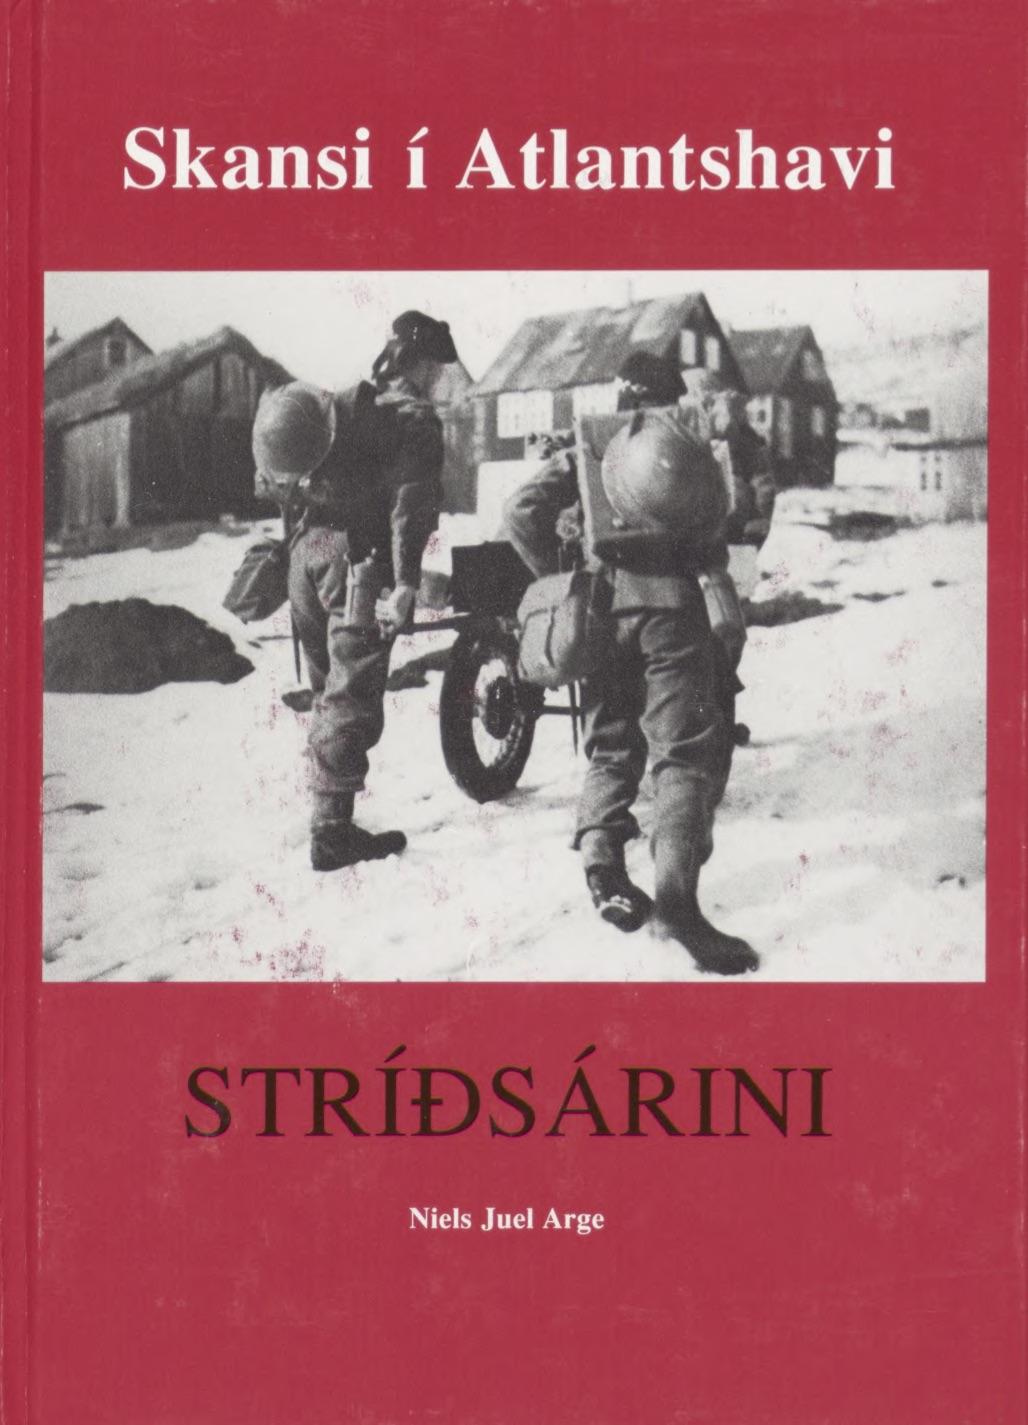 Stríðsárini 5 - Skansi í Atlantshavi